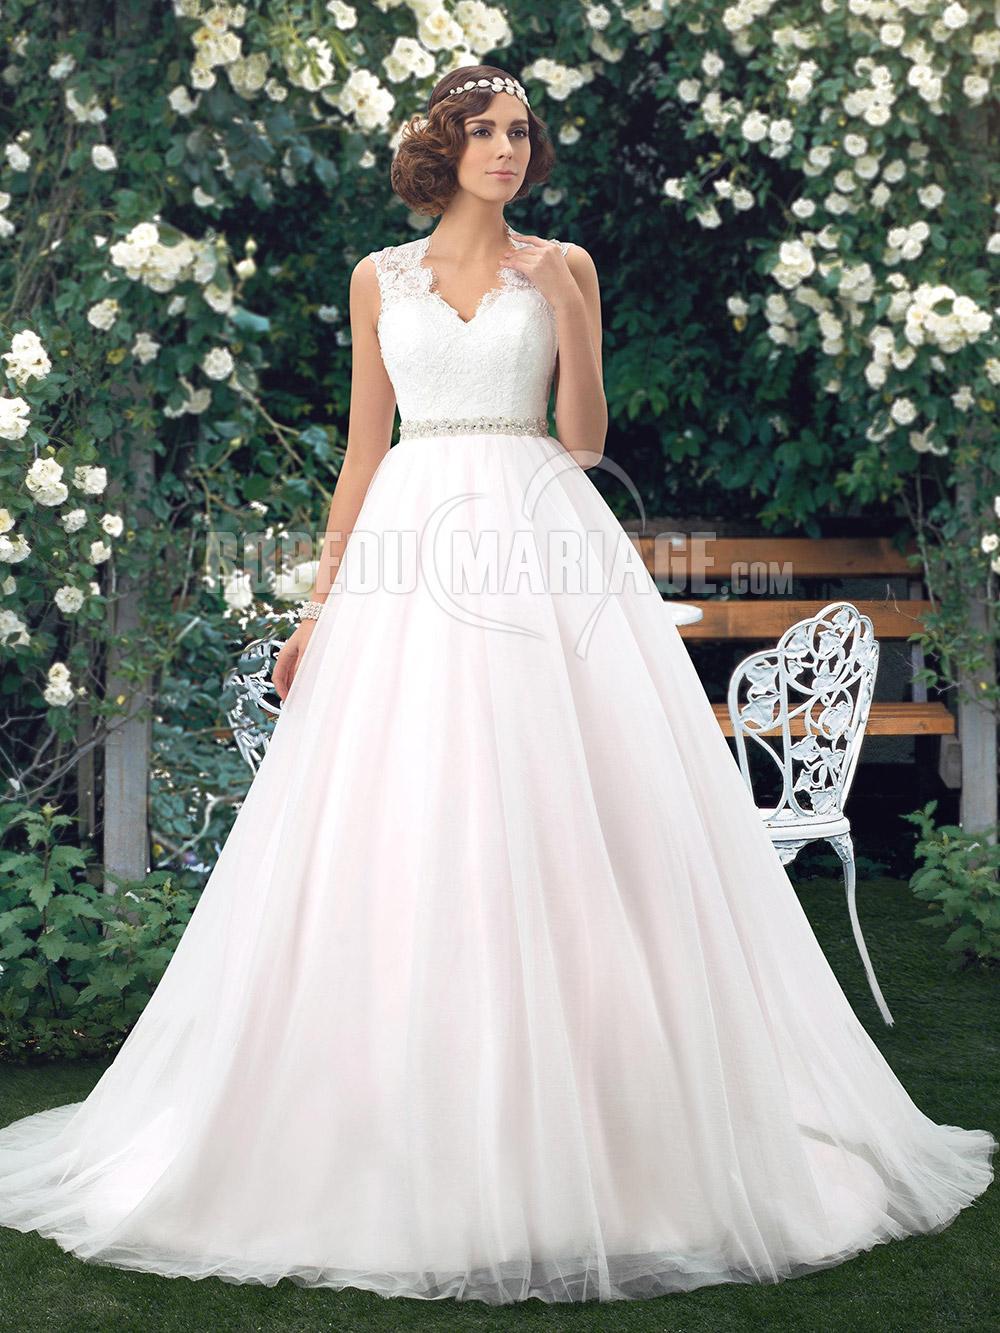 Top 11 des indispensables pour un mariage réussi - Page 2 Ee5621c1873e8c08b0776784b43fc0301463038203